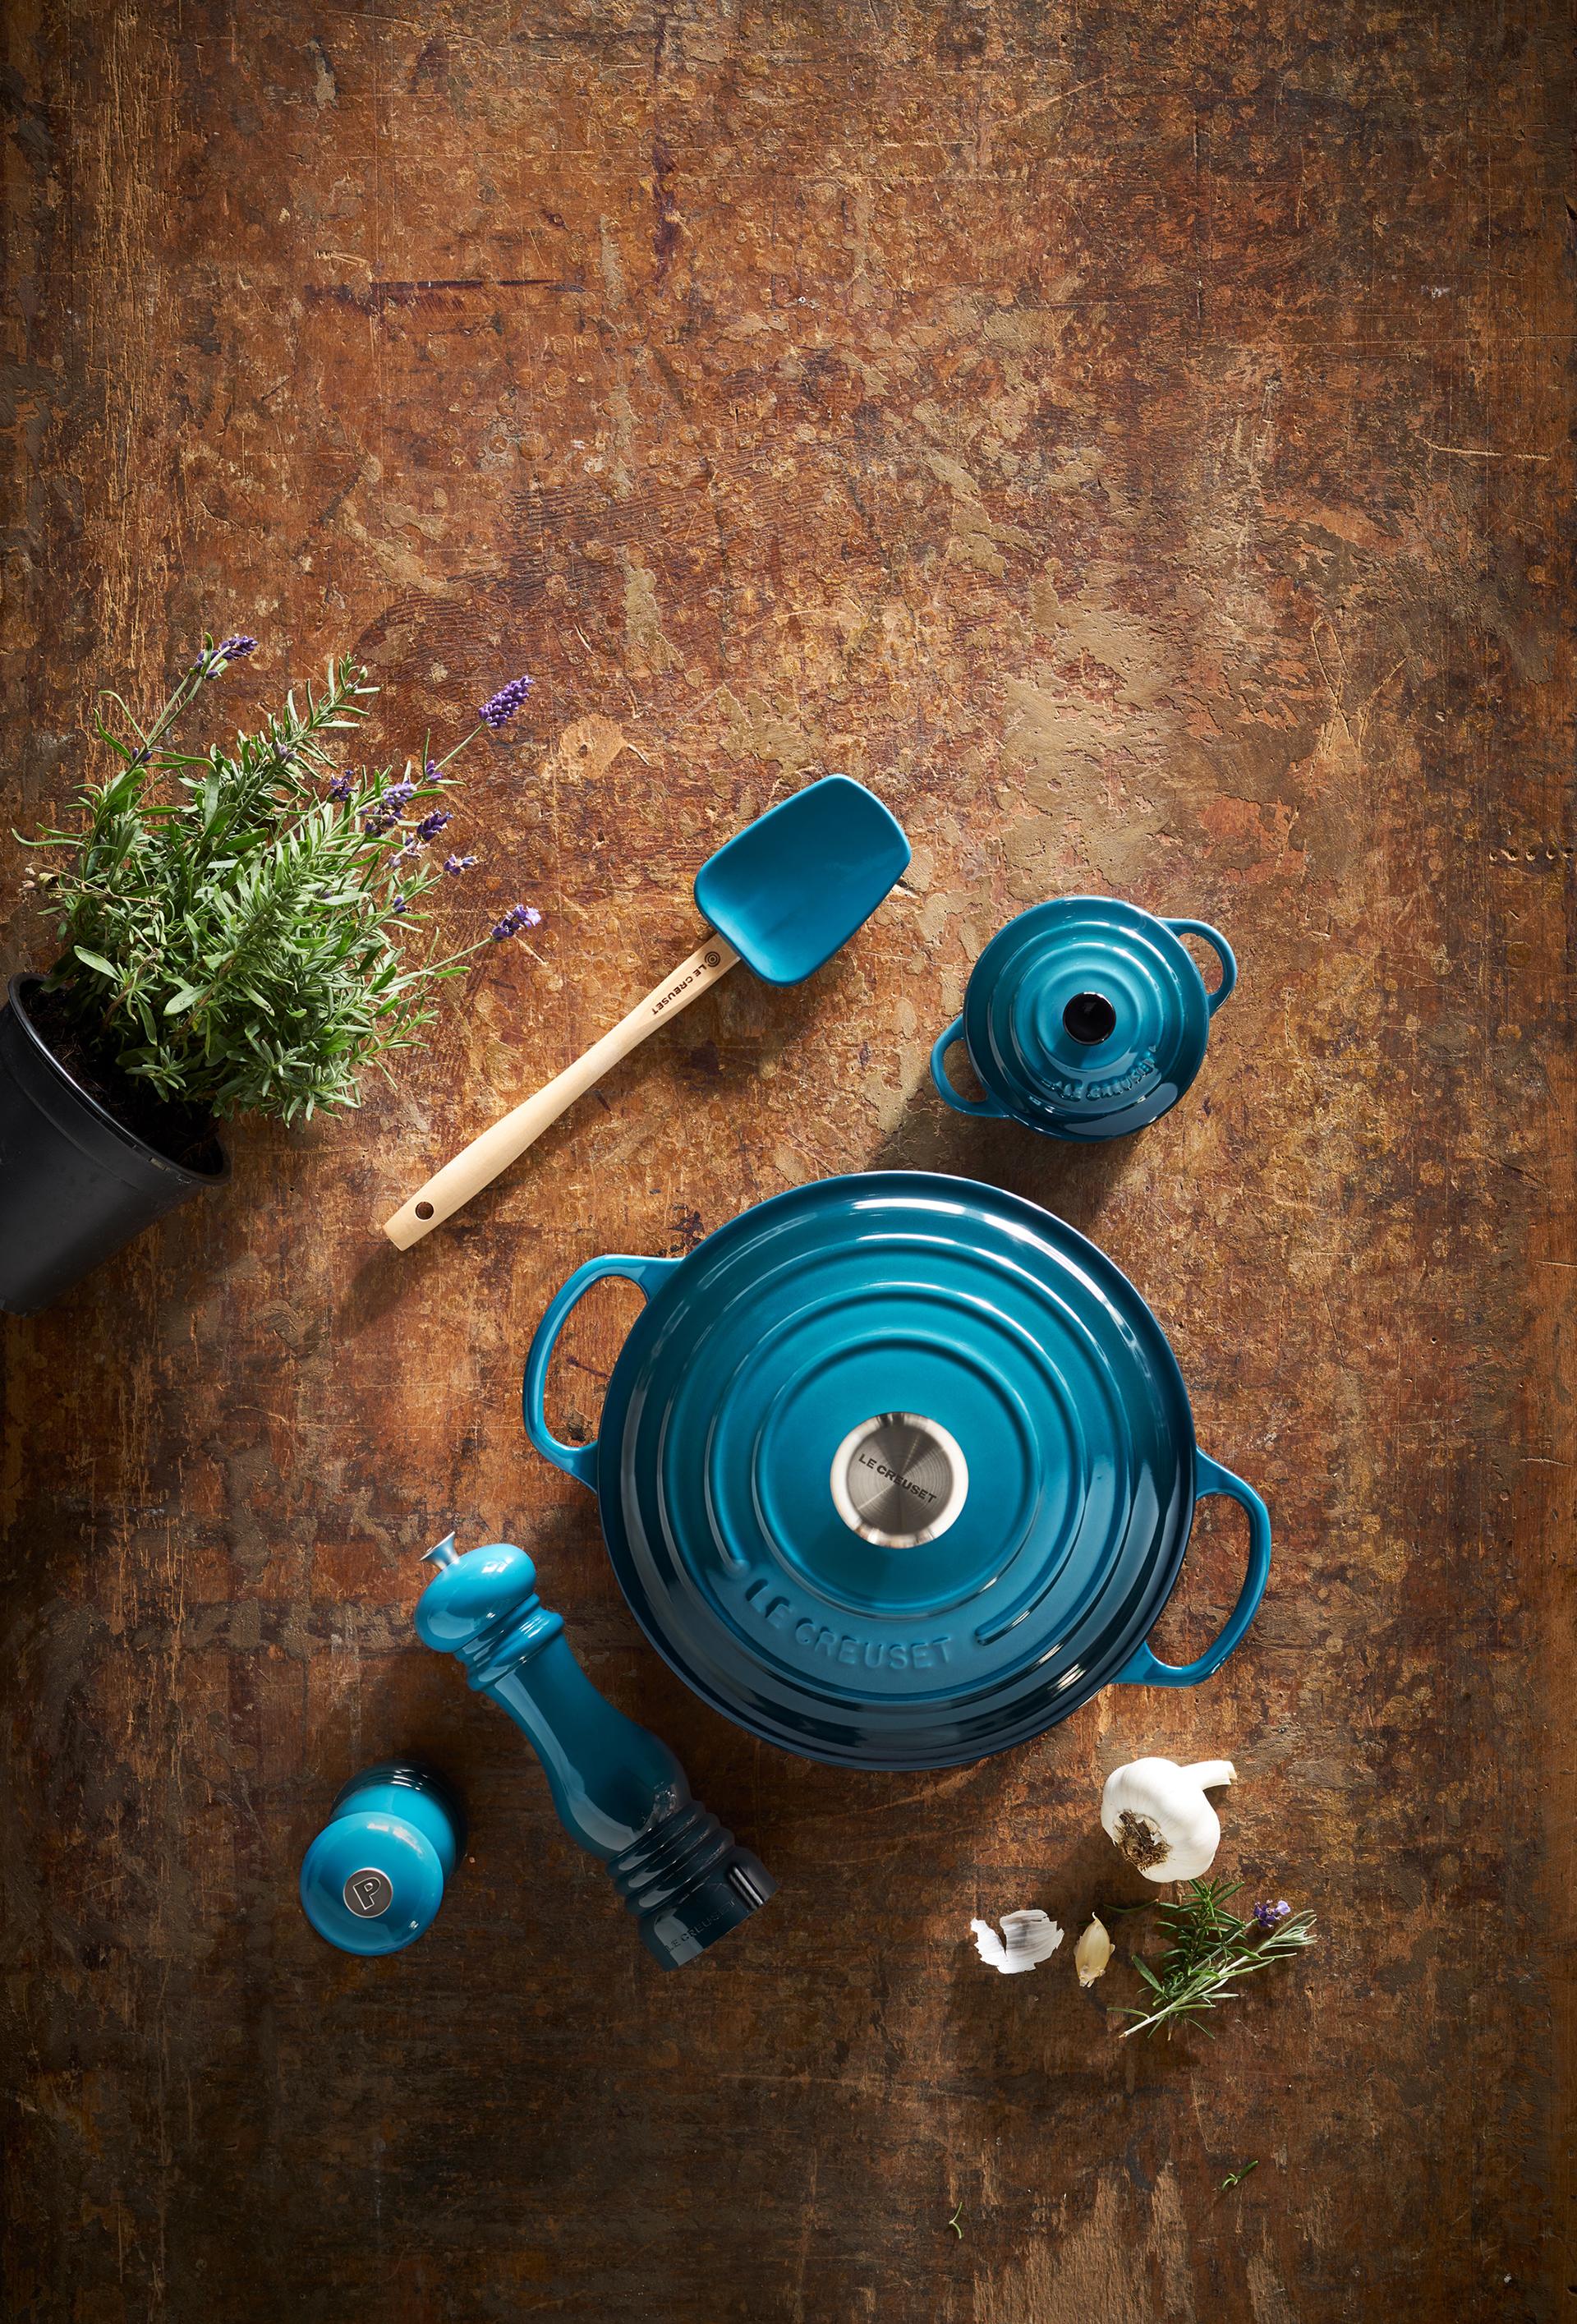 Neben dem Gourmet Profitopf Signature findest du noch viele weitere Produkte in der Farbe Deep Teal